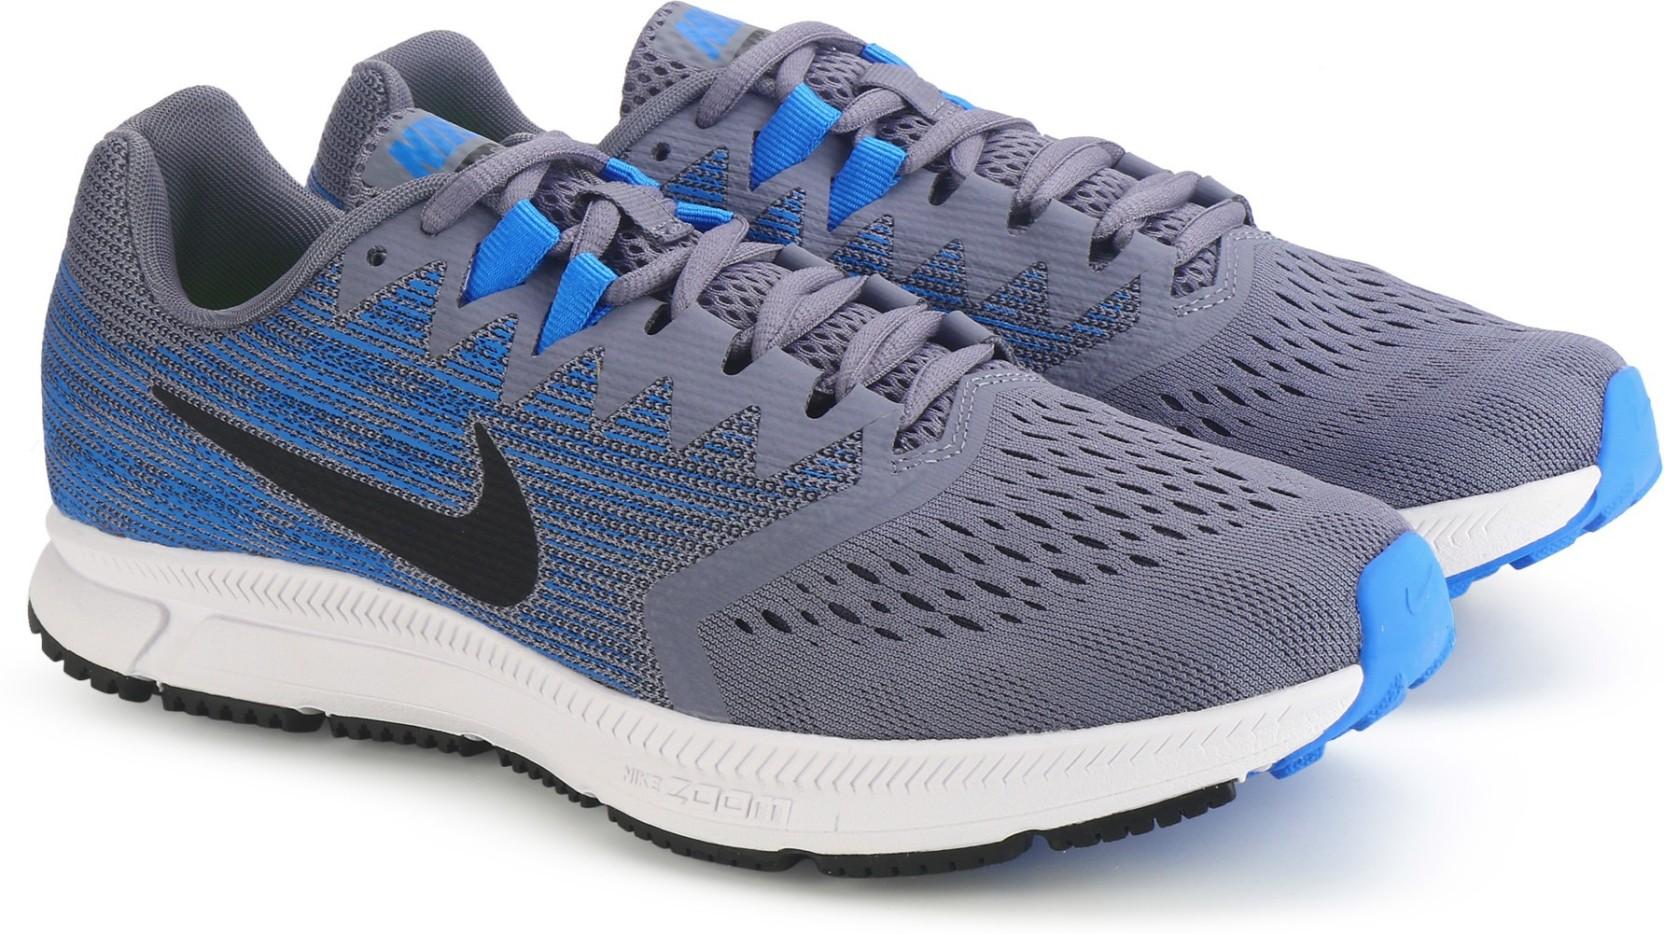 66e29f9c411eb Nike ZOOM SPAN 2 Running Shoes For Men - Buy DARK SKY BLUE BLACK ...